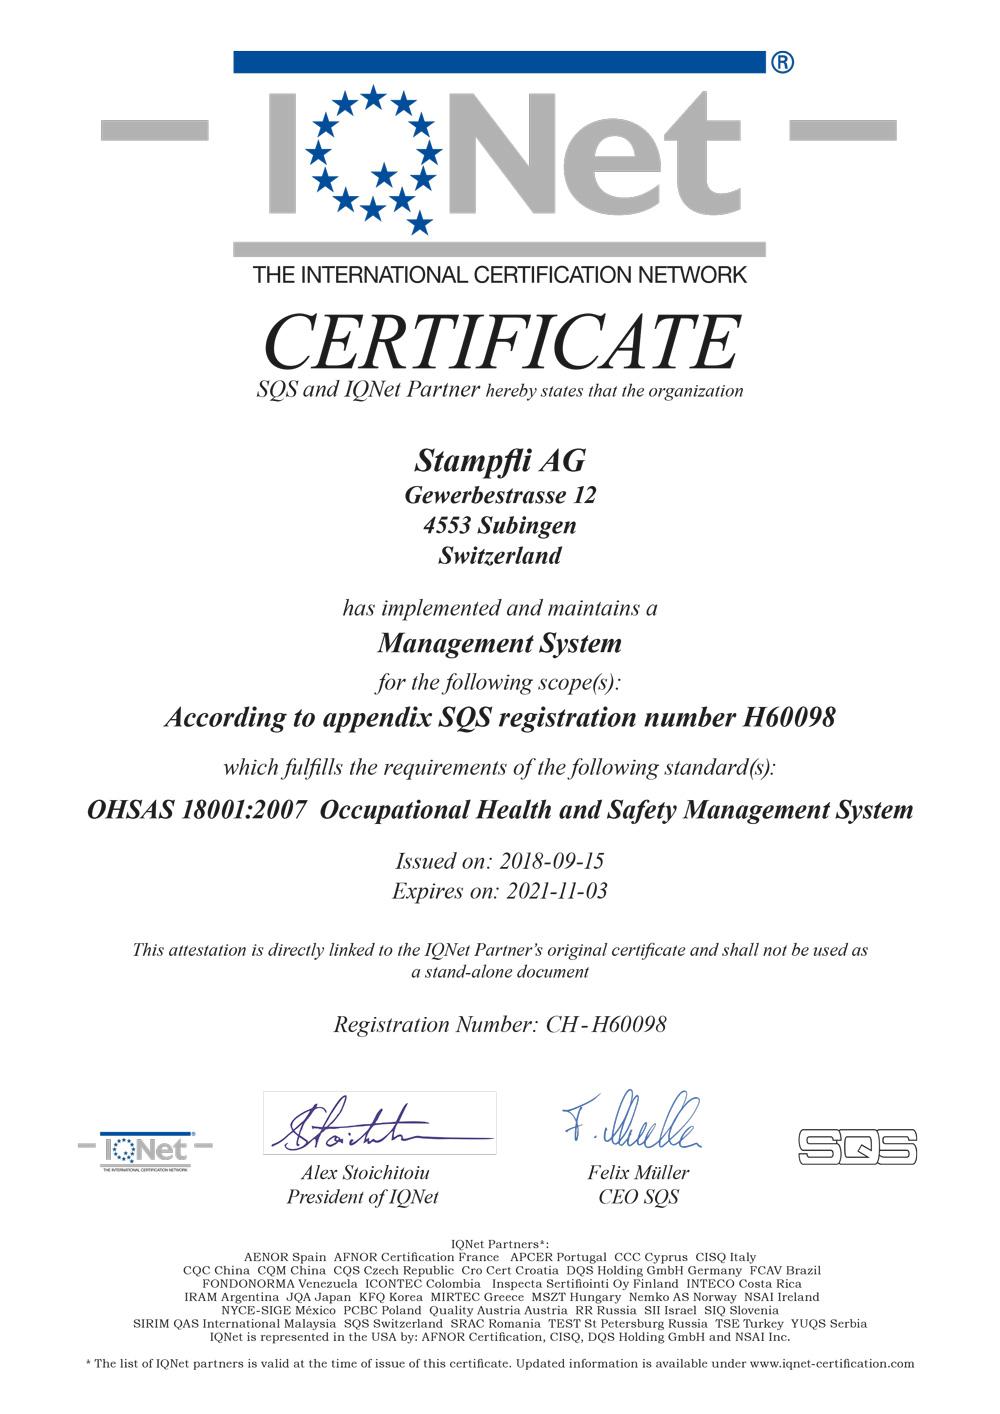 ISO_IQNET Zertifikat bis 2021-11-03